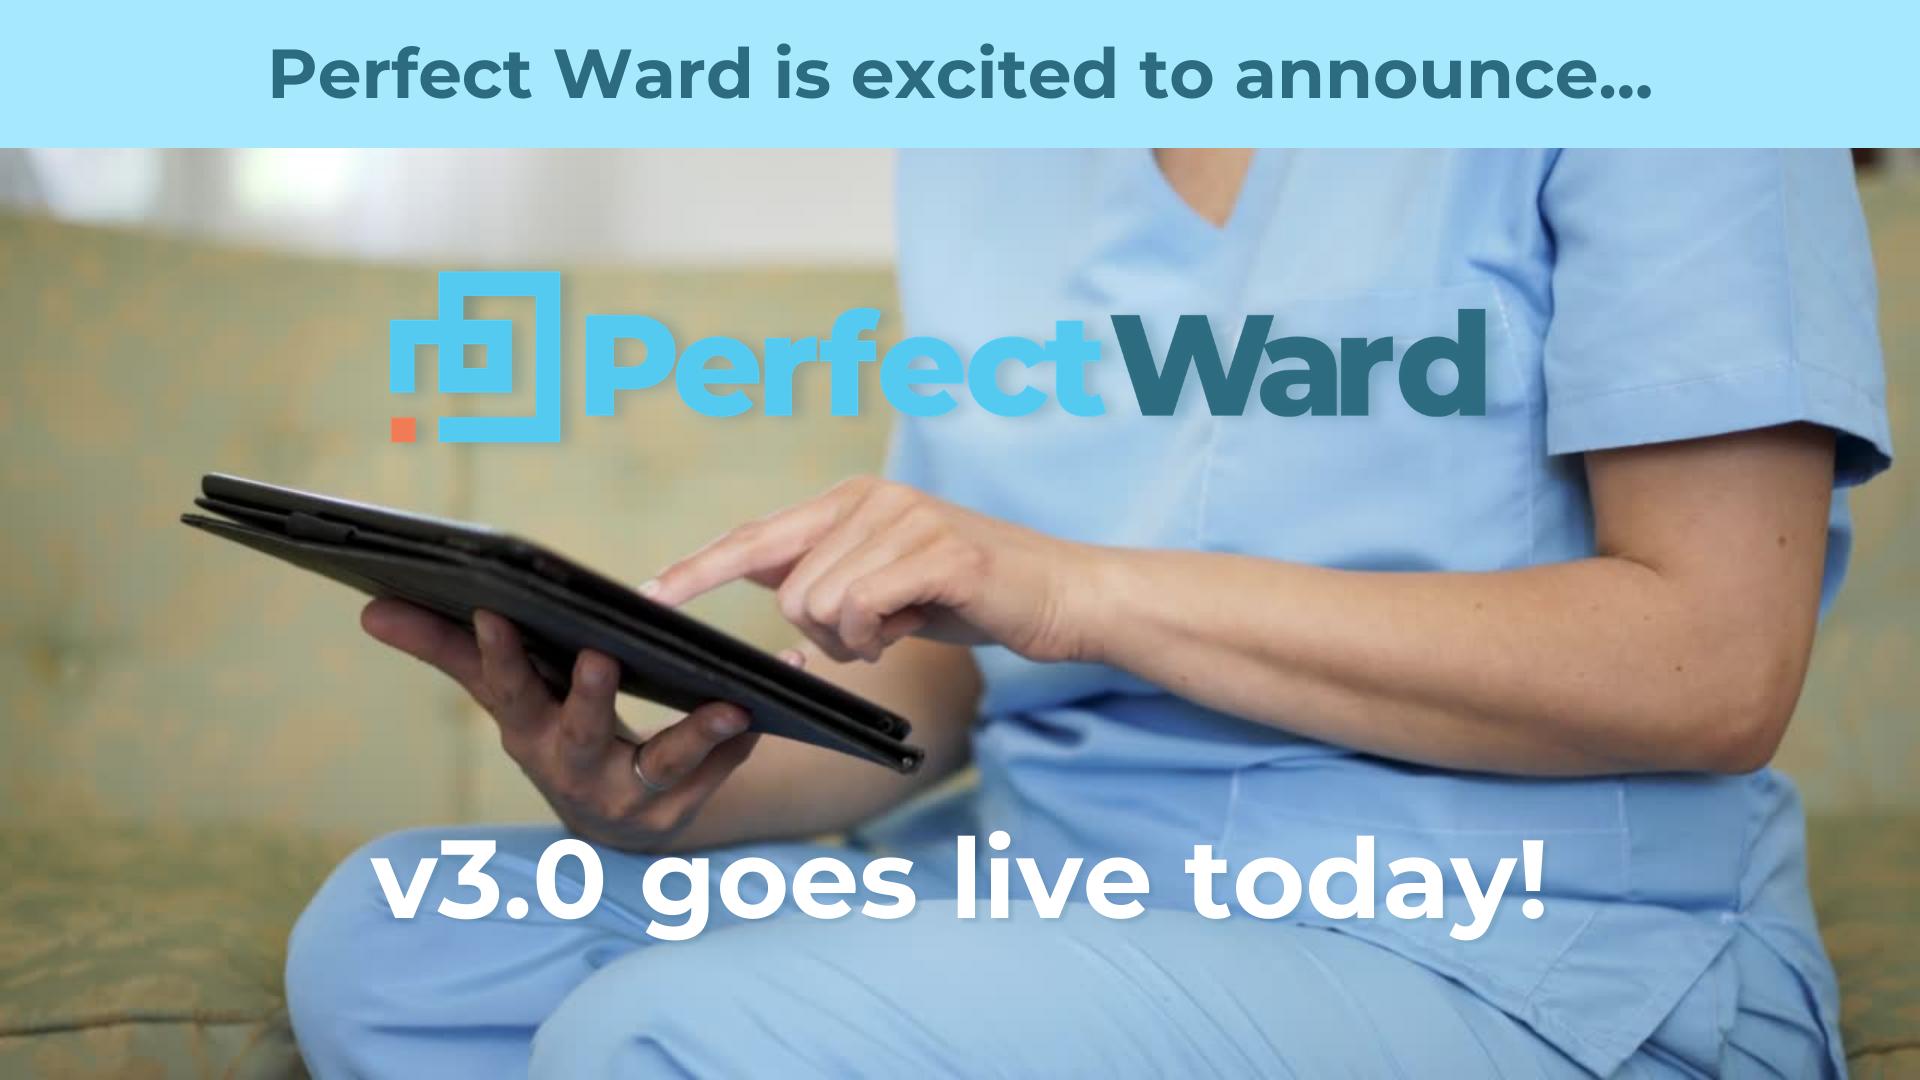 Perfect Ward v3.0